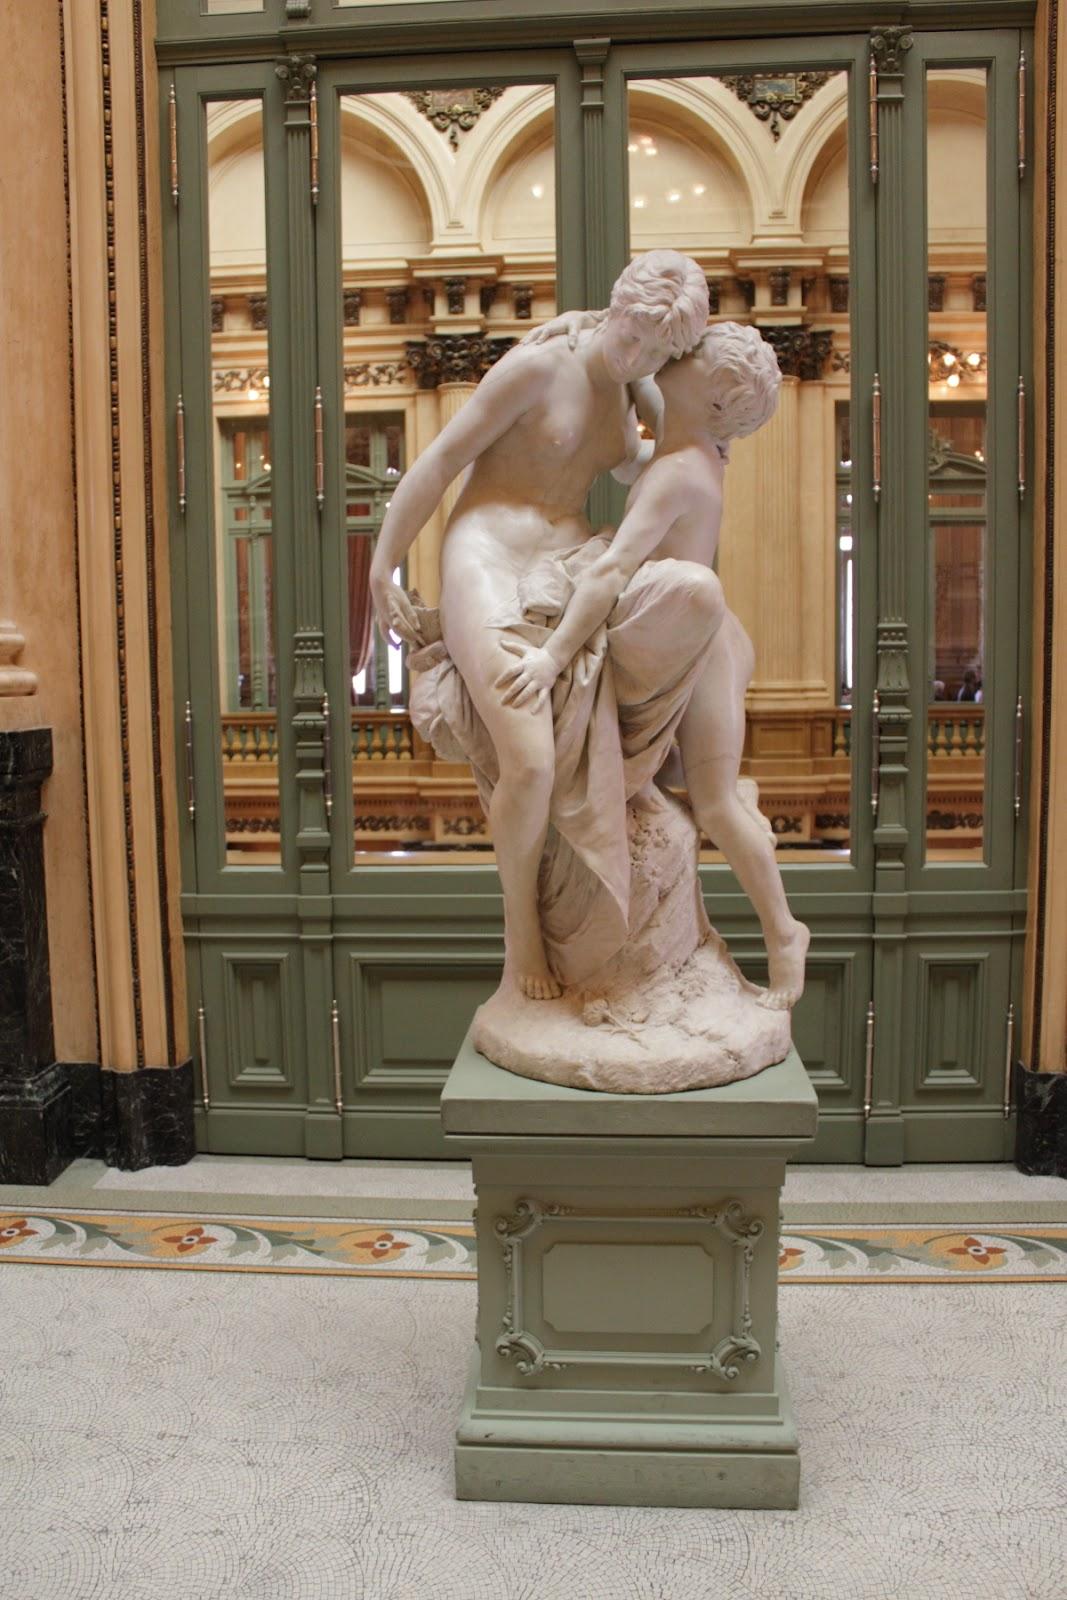 Teatro Colón - Cupid statue in marble